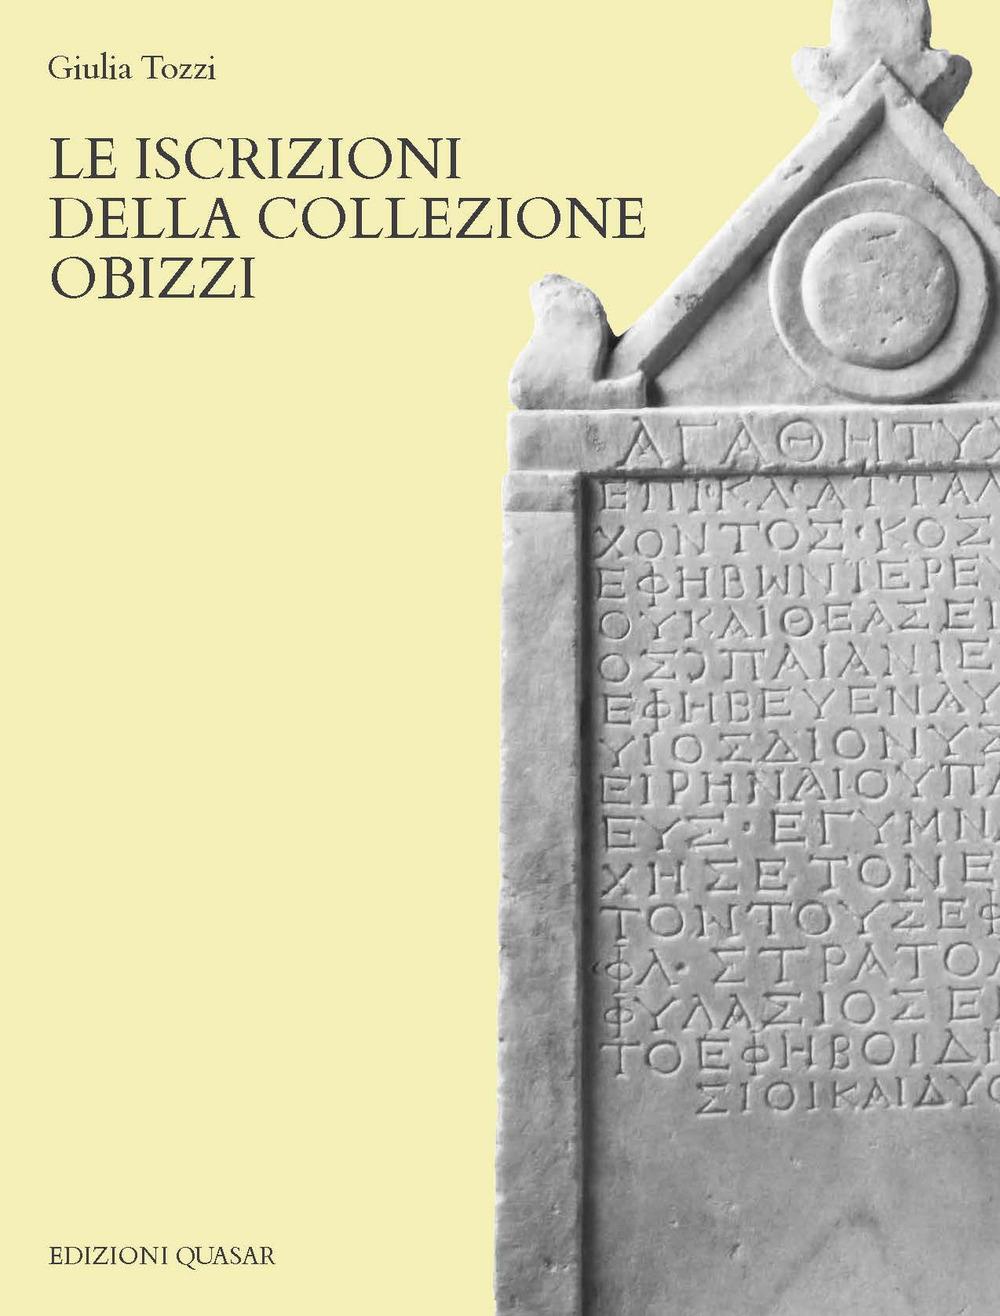 giulia_tozzi_le_iscrizioni_della_collezione_obizzi.jpg